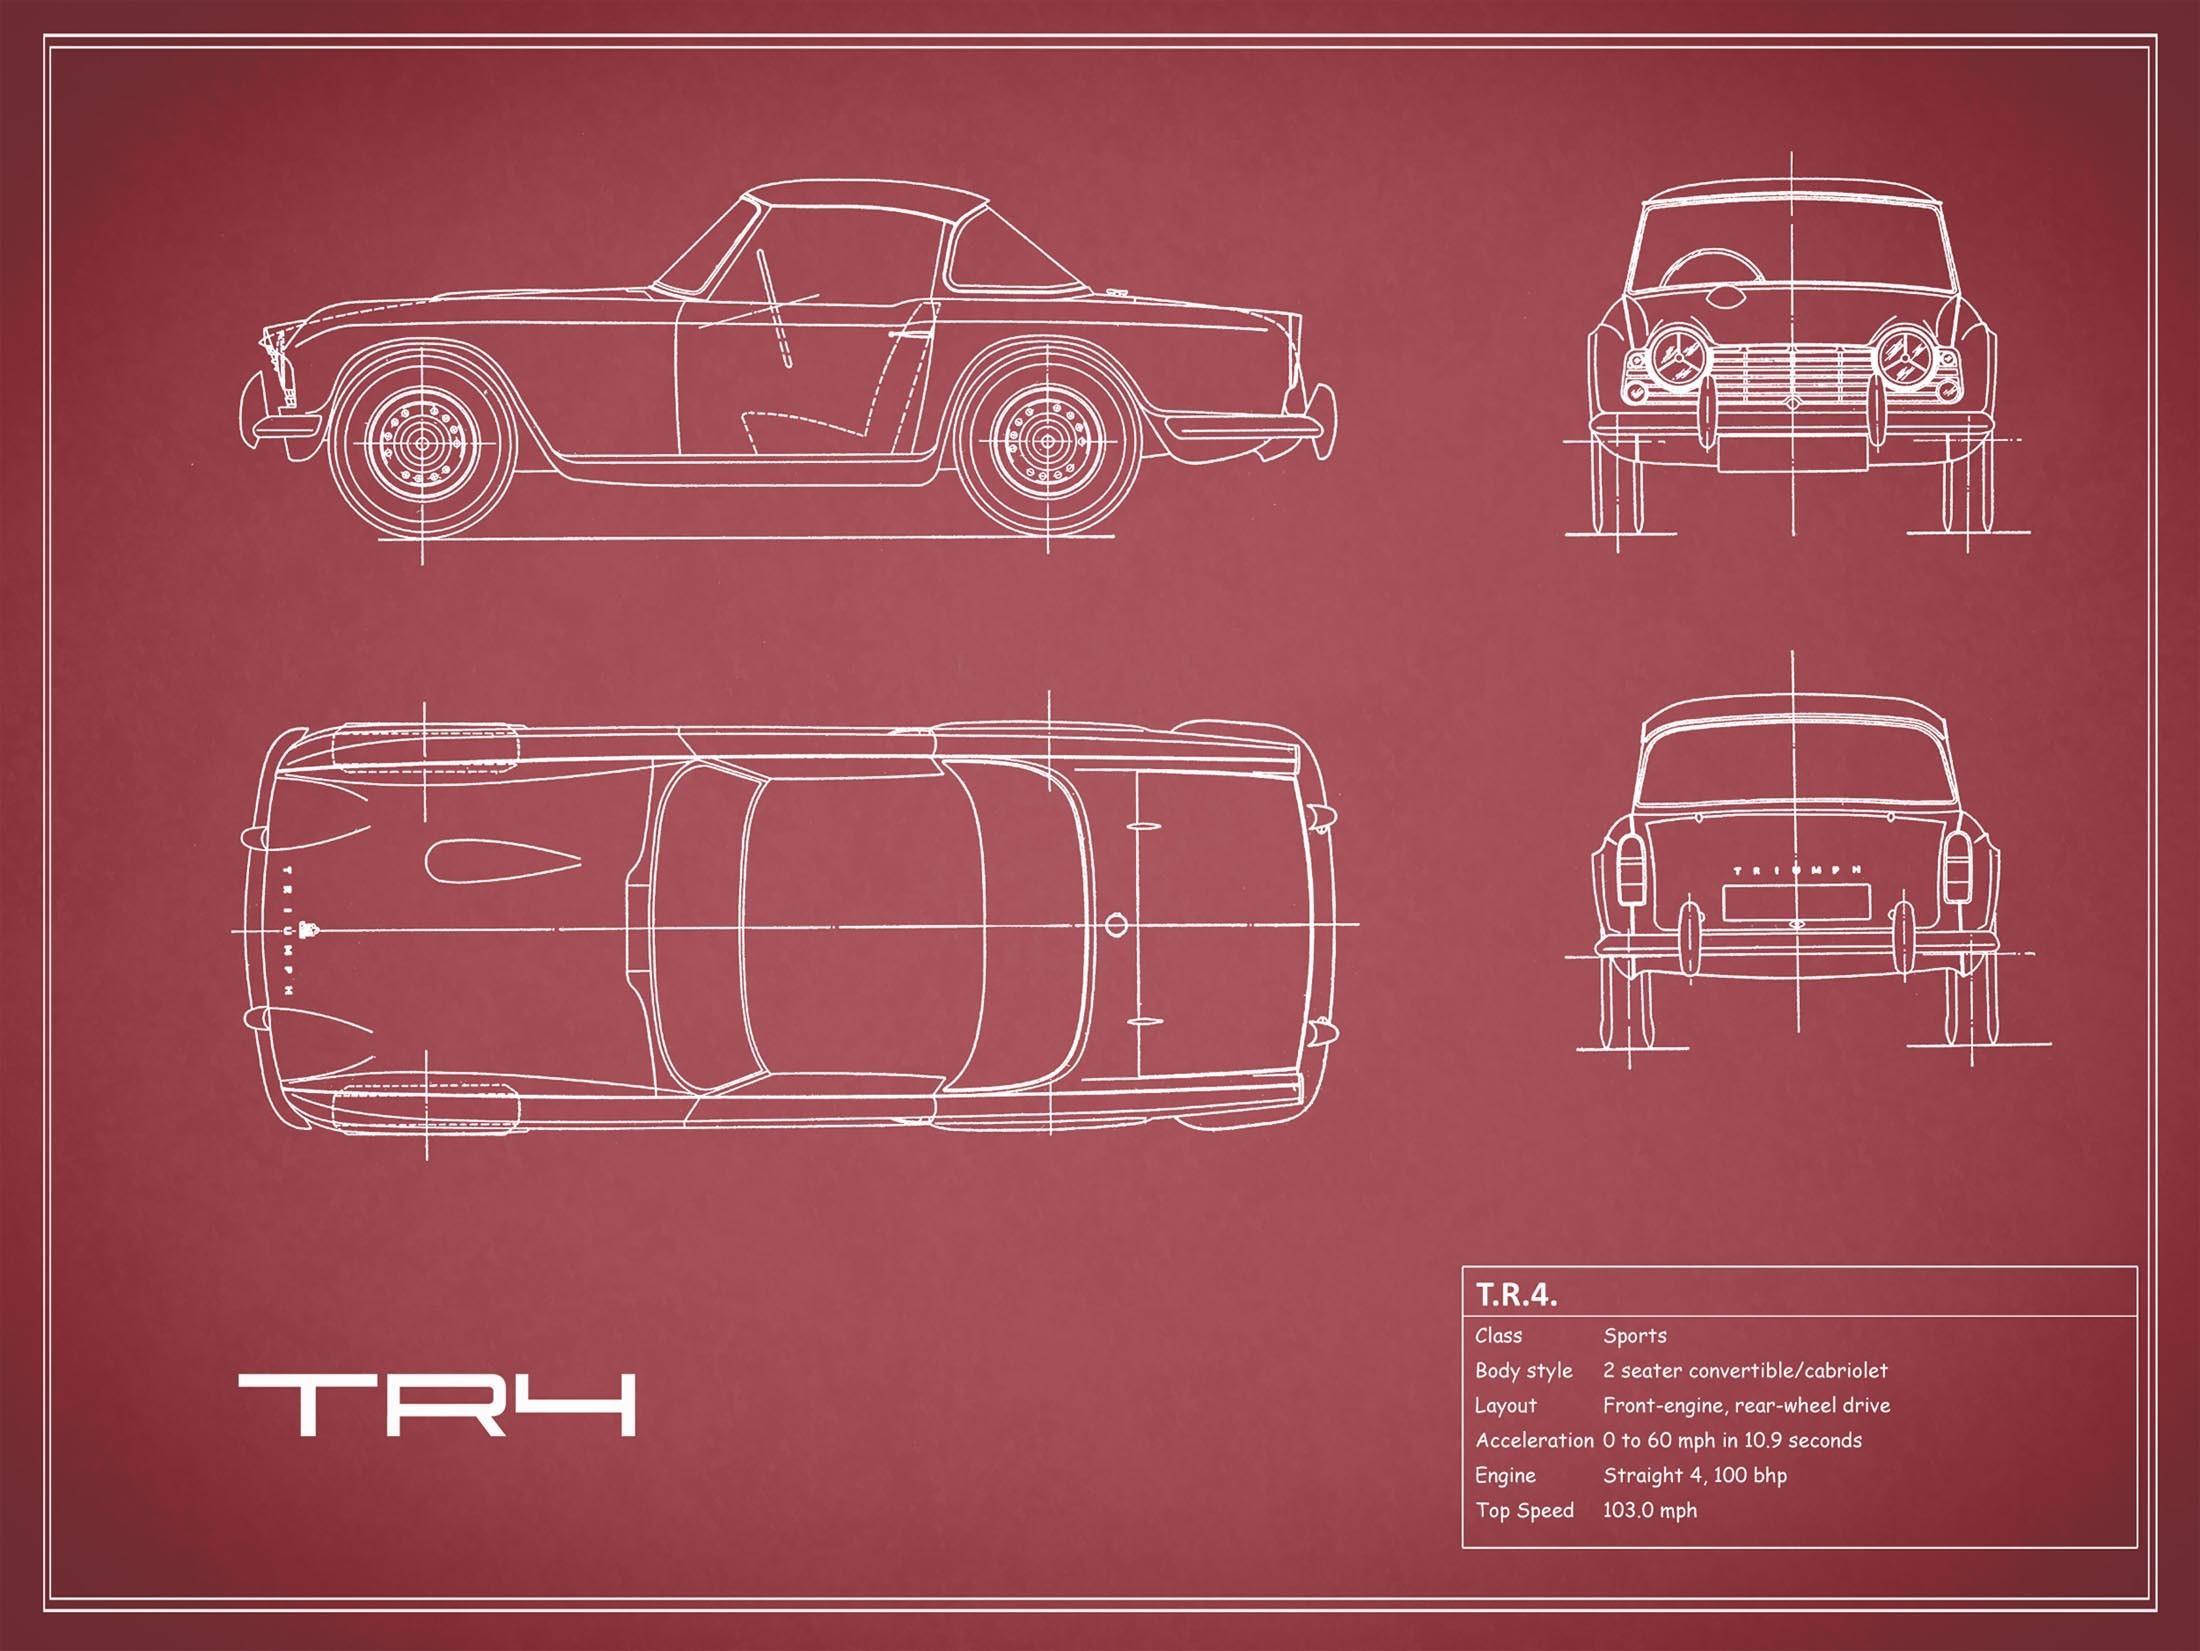 Triumph TR4 - Red